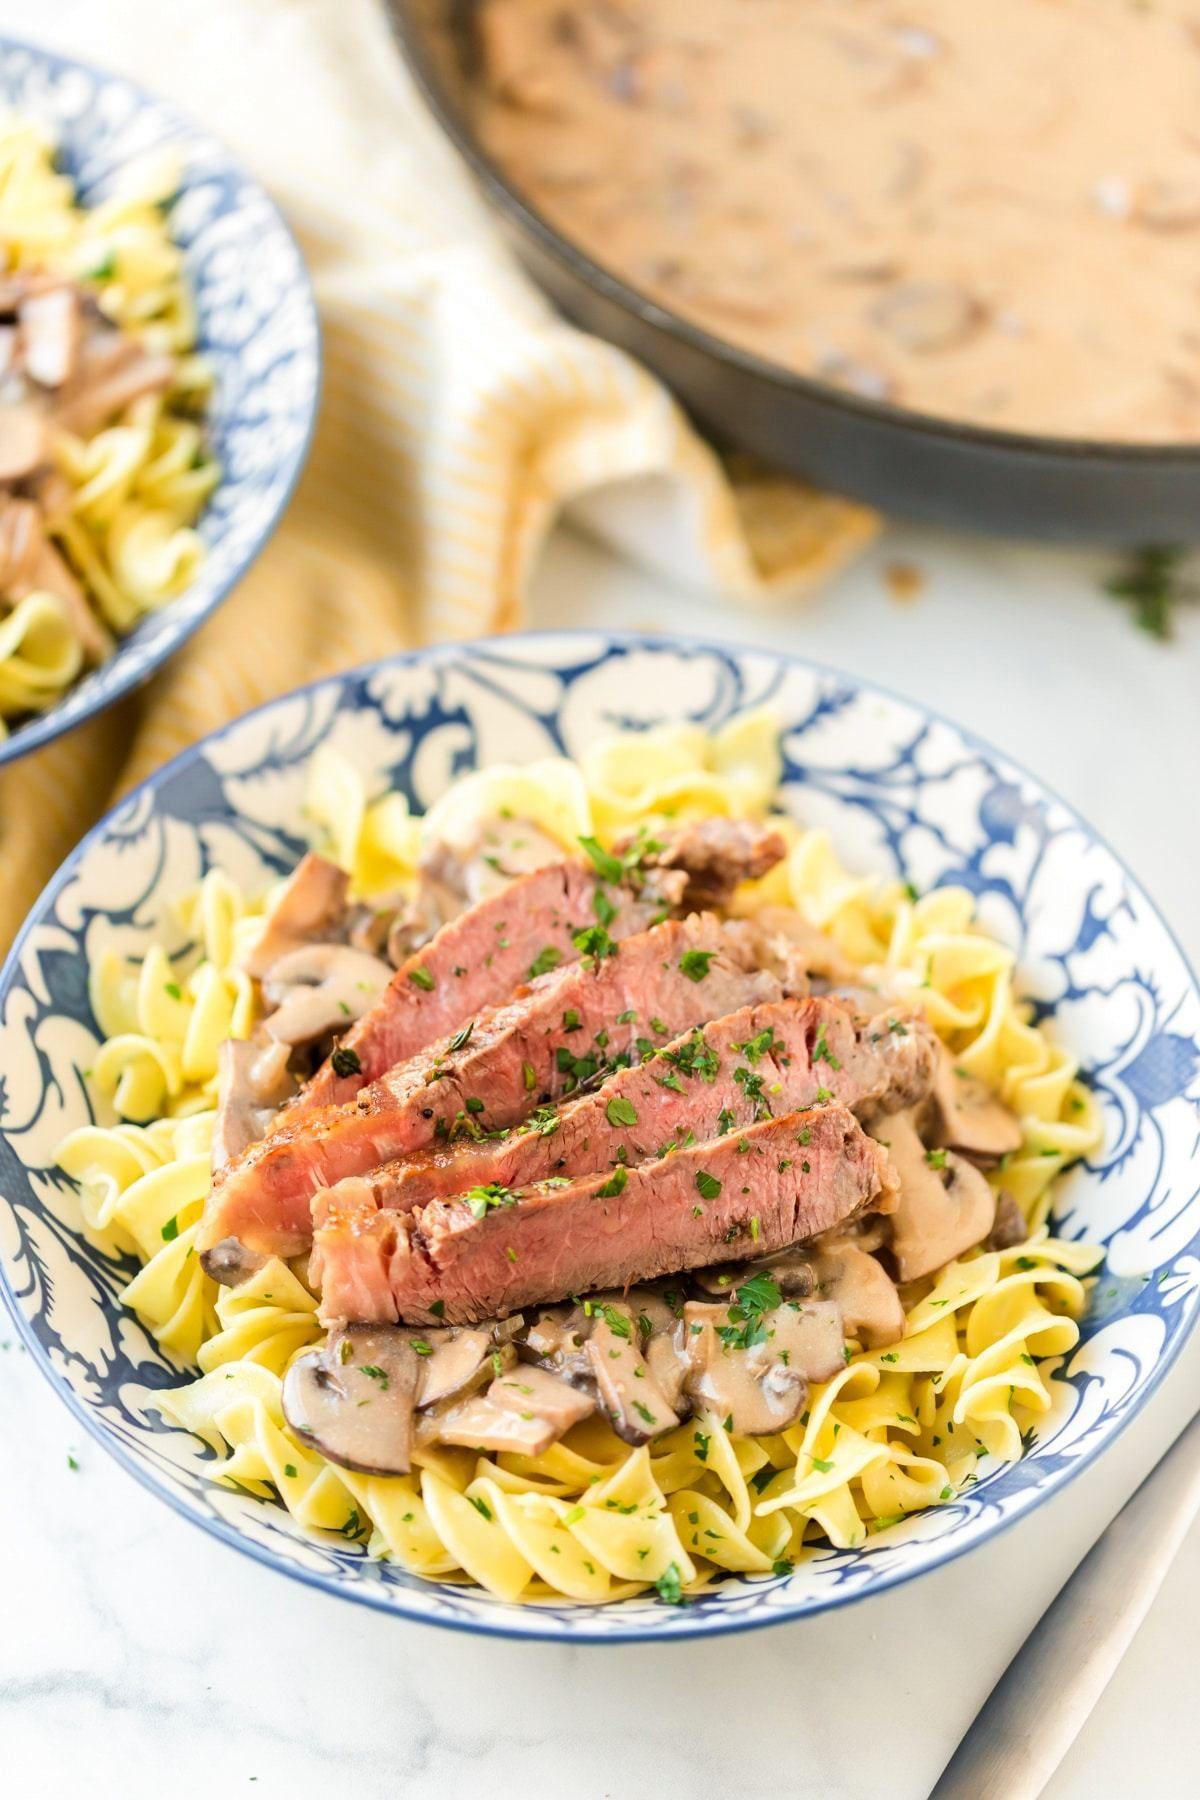 Easy Beef Stroganoff Rezept Mit Butternudeln Dies Easy Beef Stroganoff Rezept Mit Butternudeln Ist Ein Schneller Weg Um Ihre Zu Bekomme In 2020 Stroganoff Recipe Buttered Noodles Beef Recipes